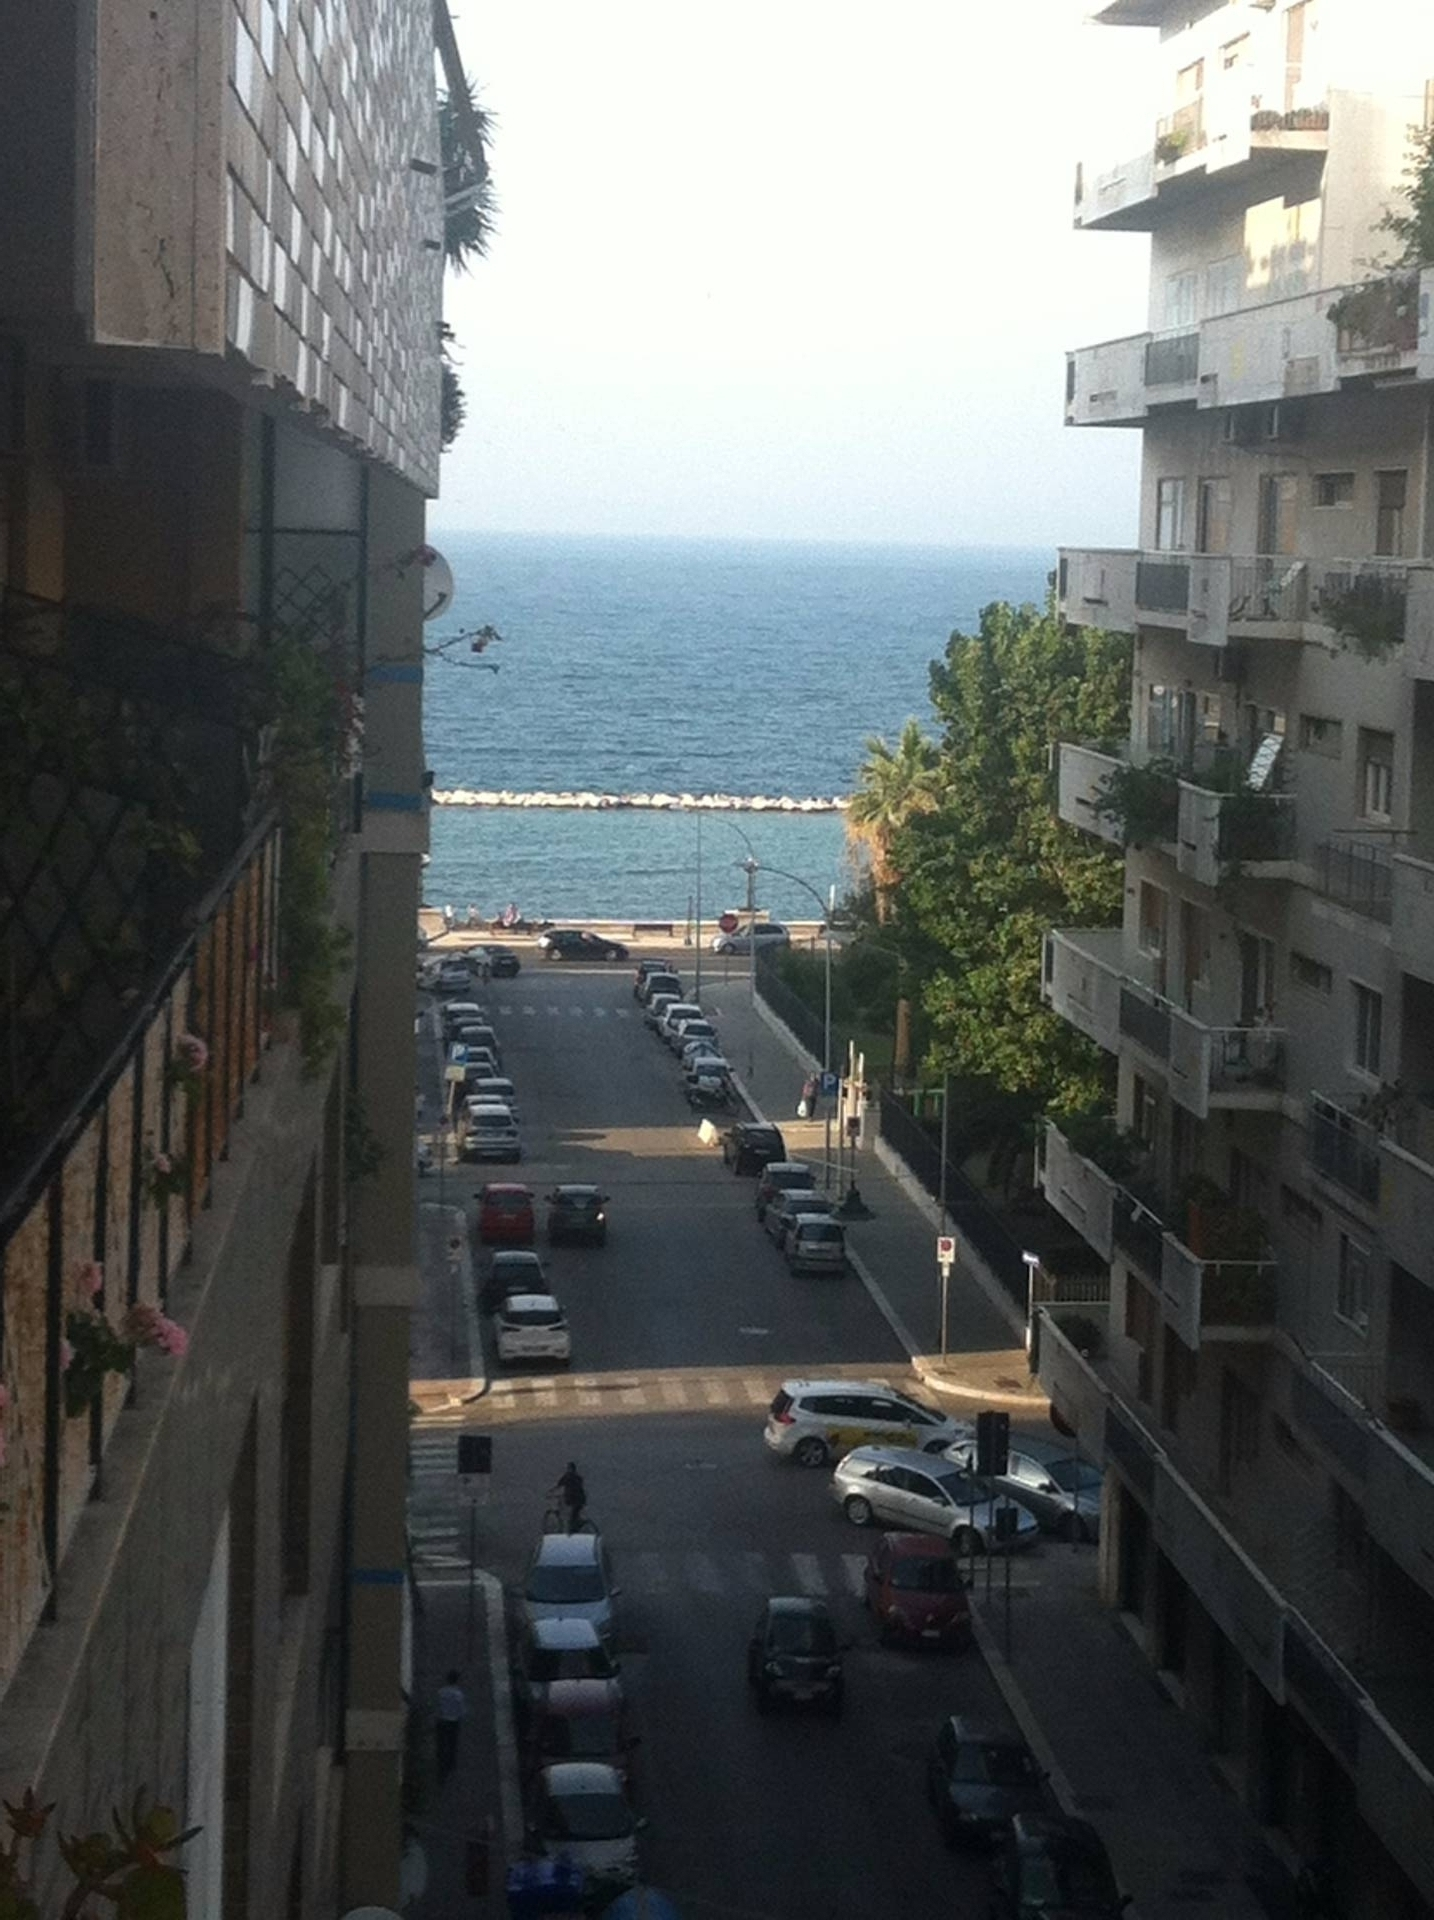 Appartamento in vendita a Bari, 5 locali, zona Zona: Madonnella, prezzo € 219.000 | CambioCasa.it